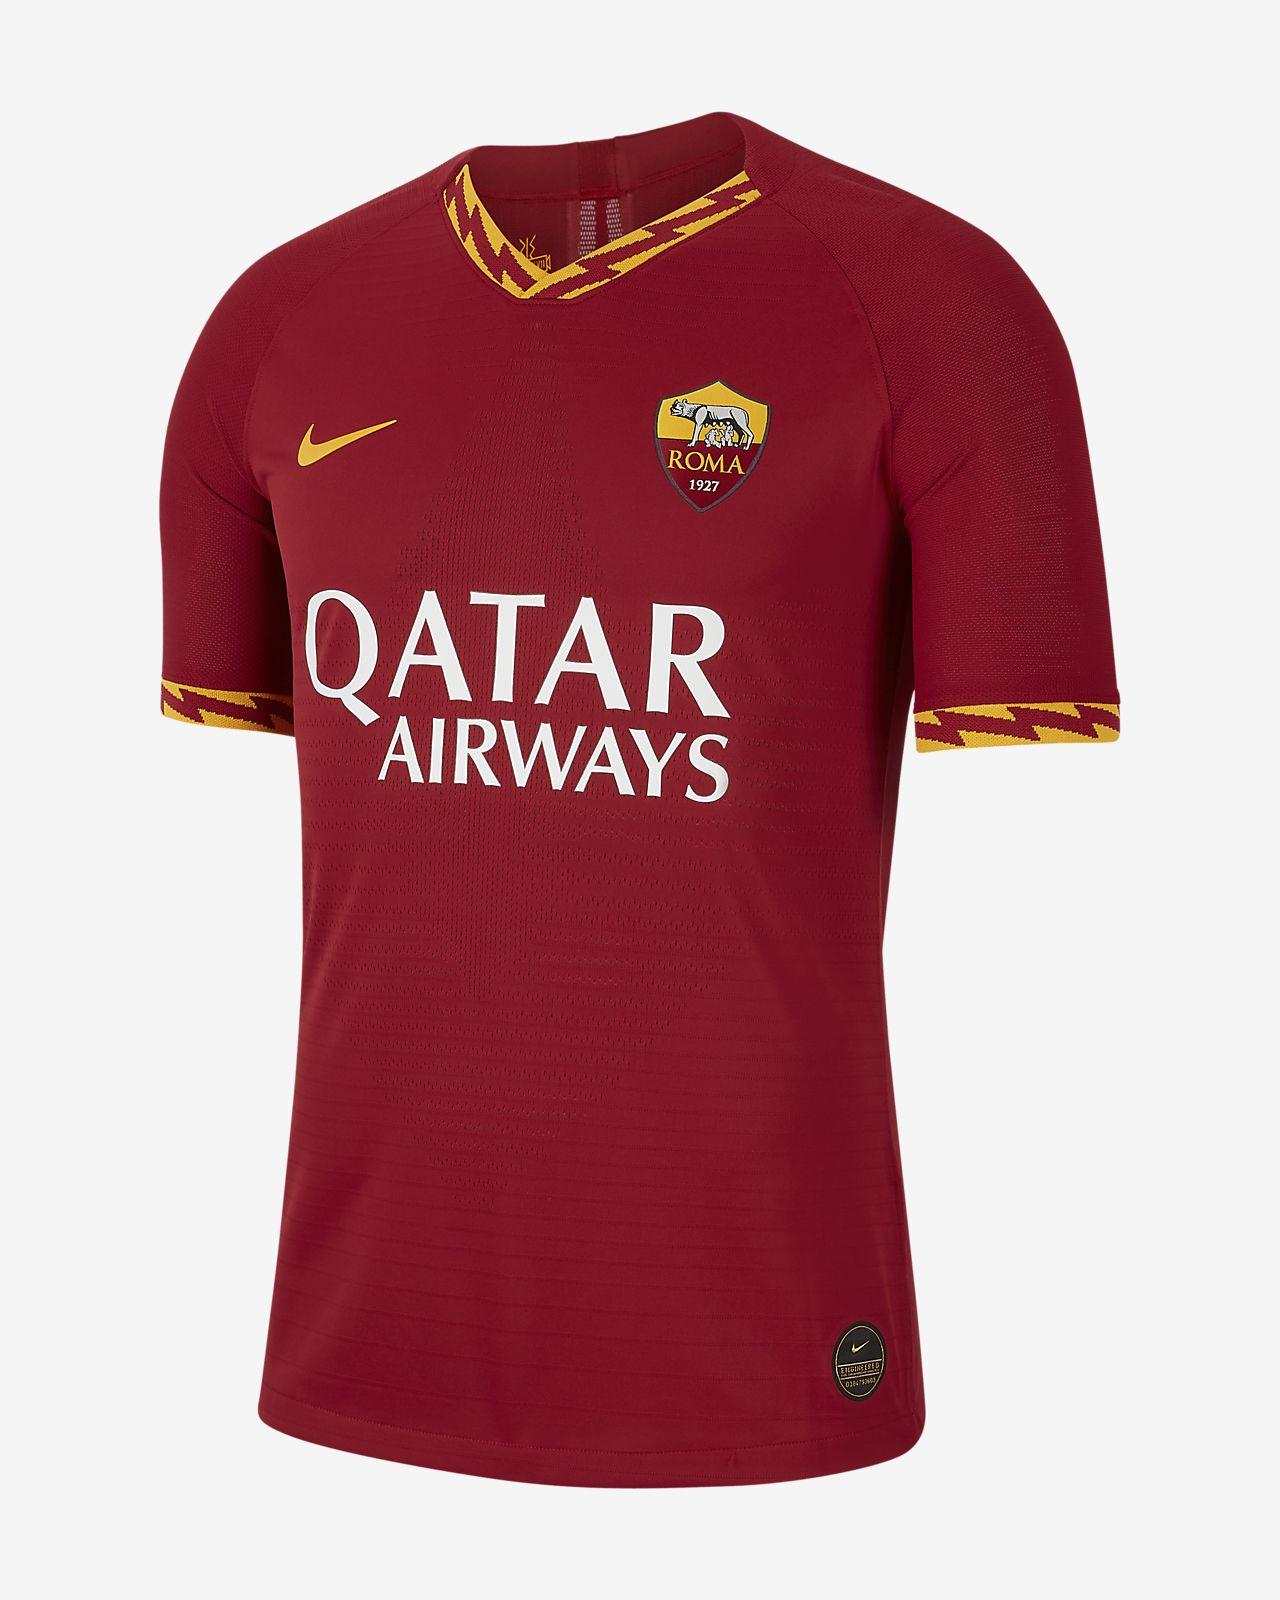 A Camiseta Fútbol 201920 Del sRoma Match De Hombre Local Para Vapor 8X0PnwOk